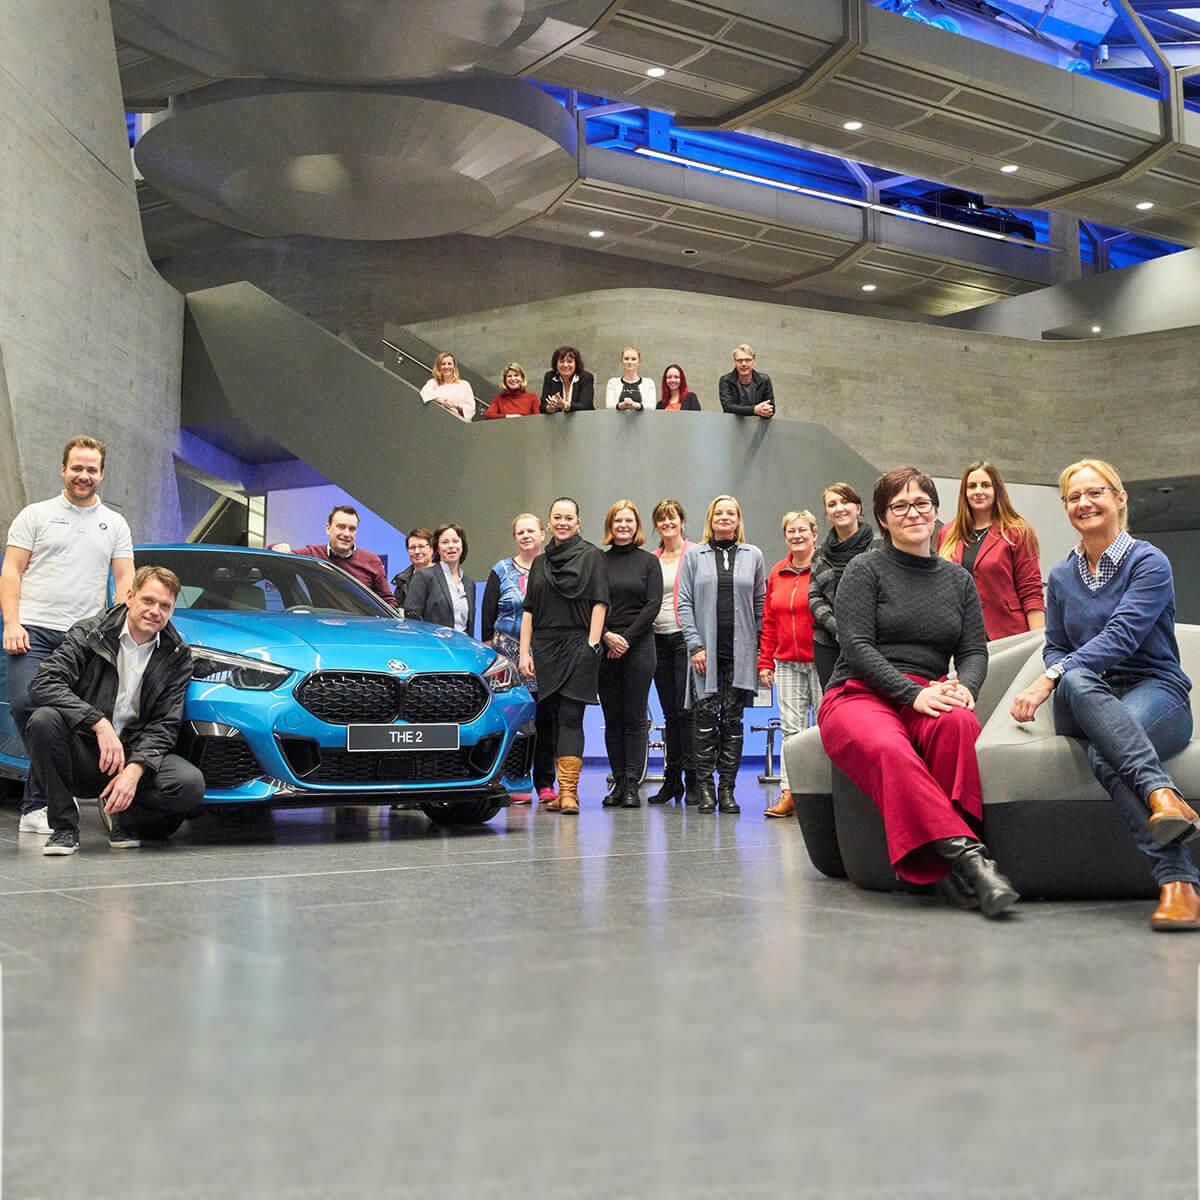 Wirtschaftskreis Berlin-Pankow - Besichtigung des BMW Werk in Leipzig, 06.03.2020, Foto: Swen Gottschall, bloominds GbR